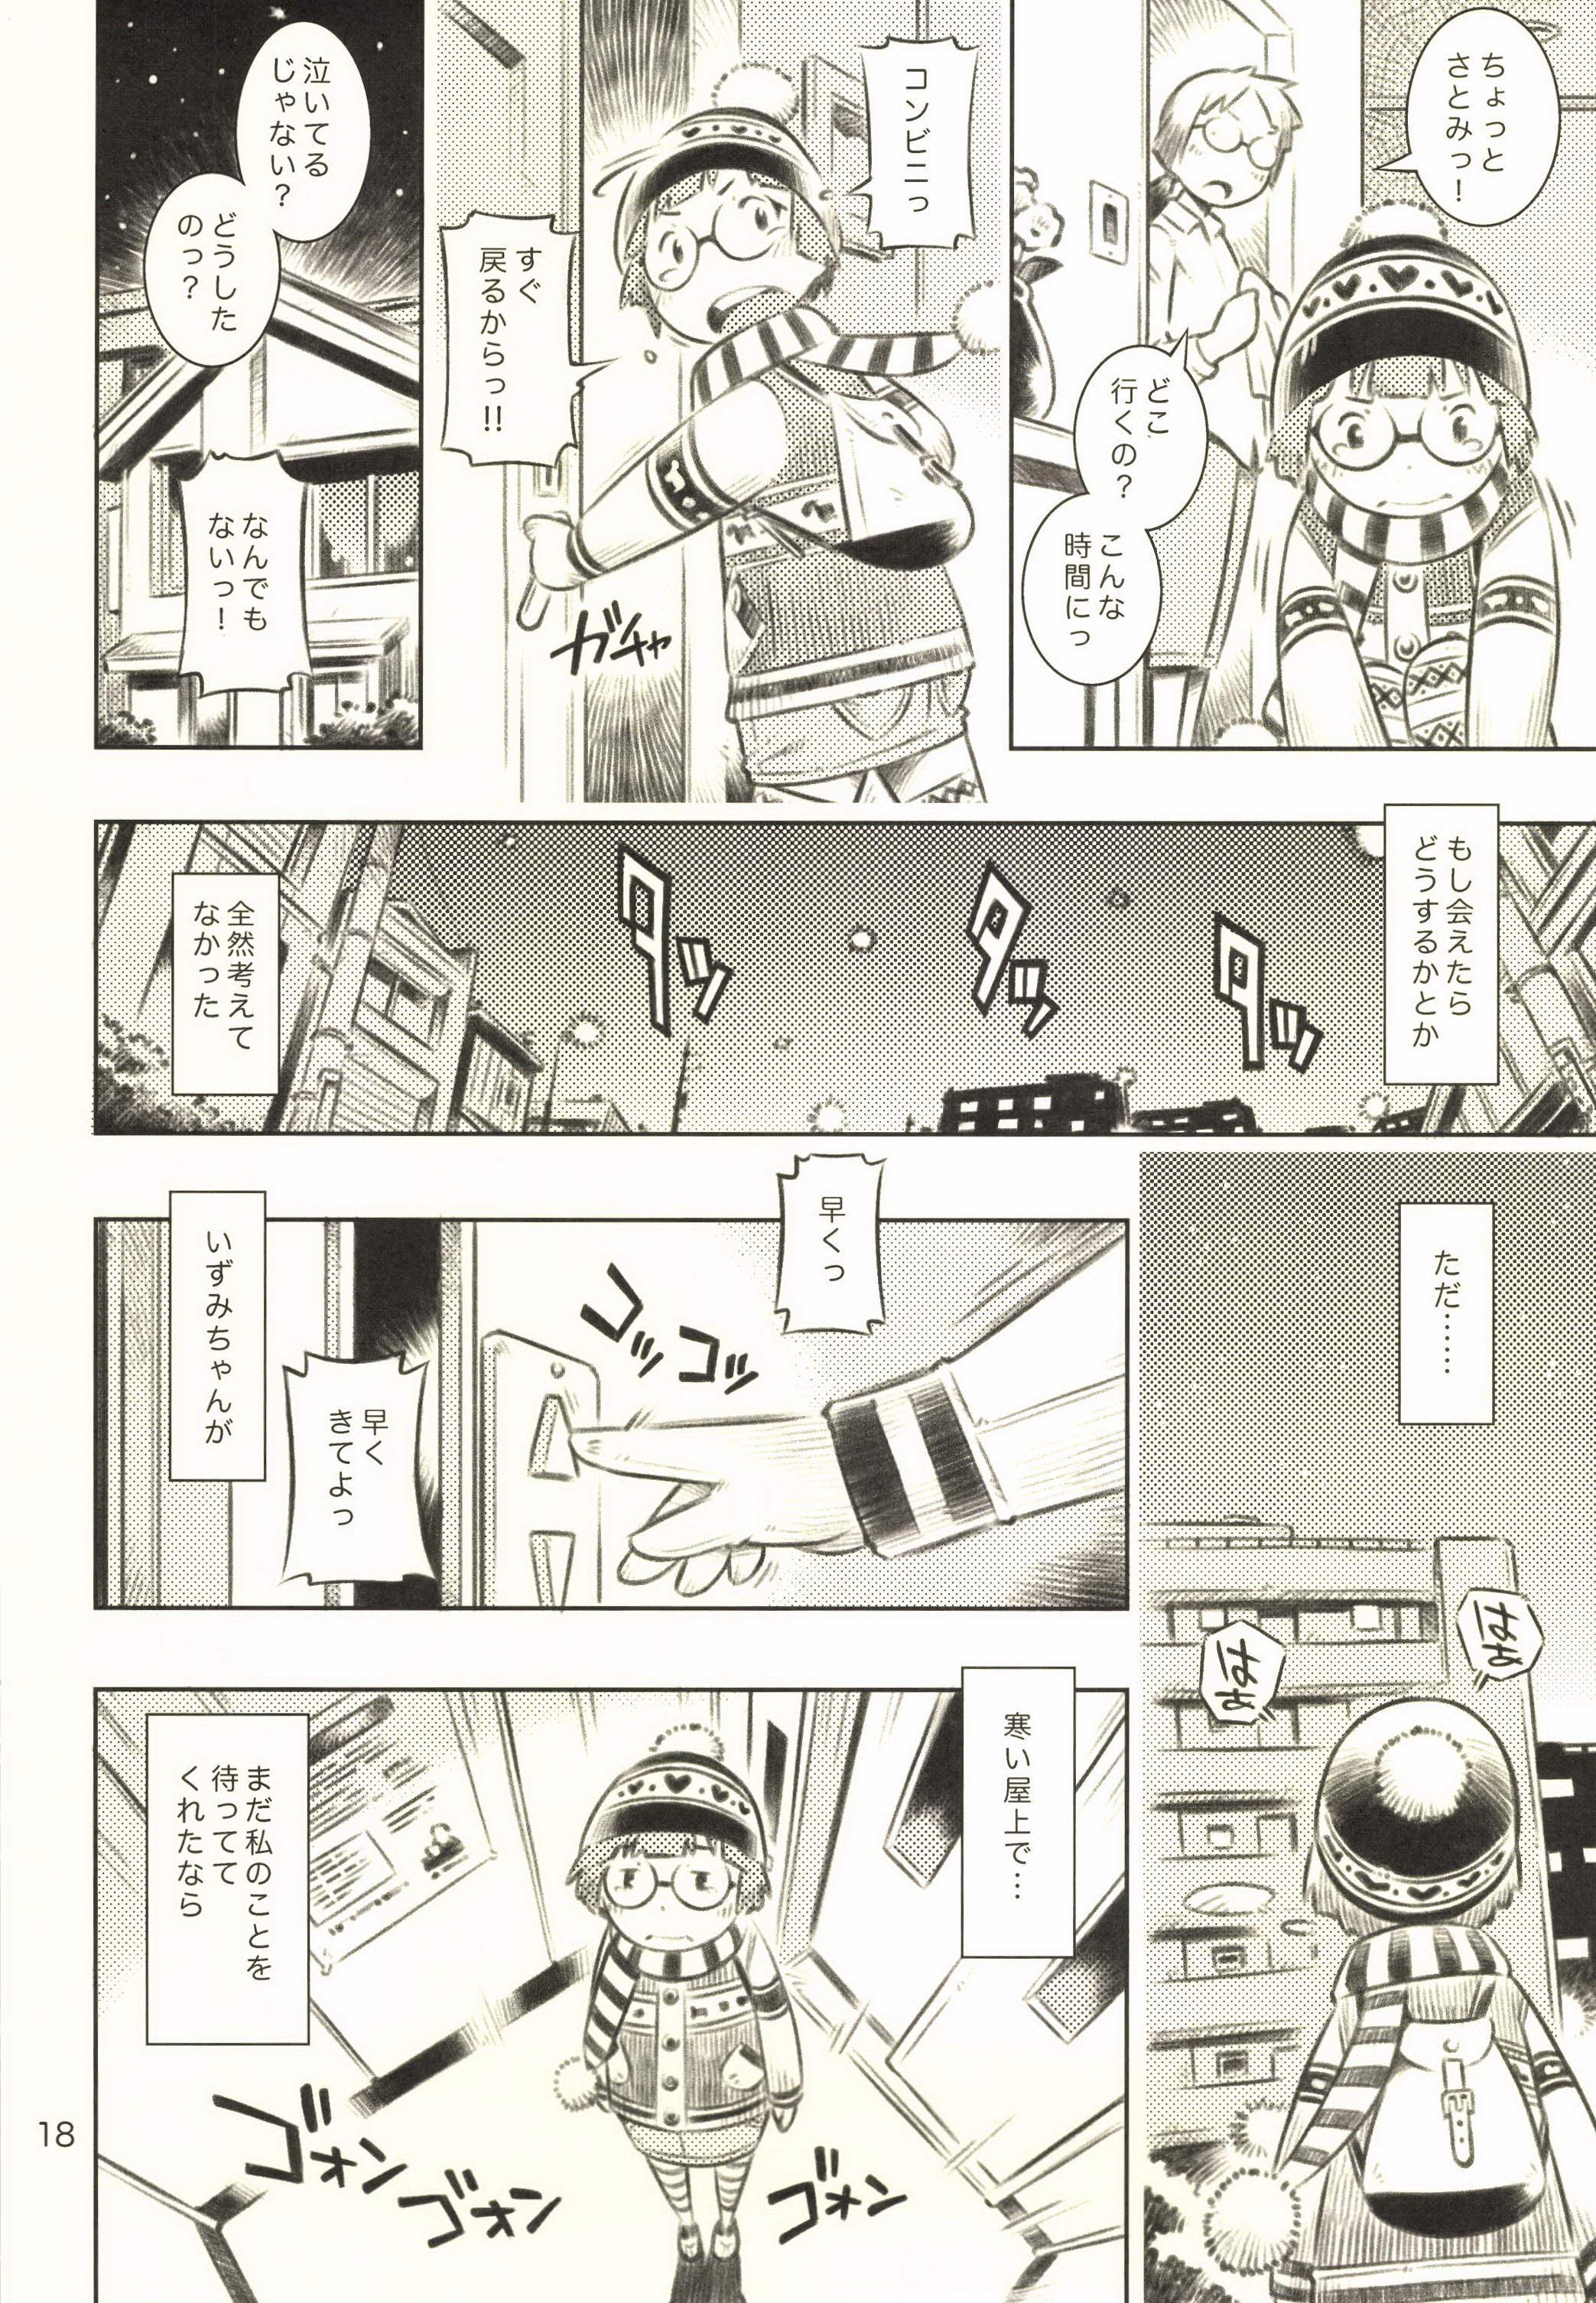 【エロ漫画・エロ同人】貧乳ロリ少女が林間学校で出会った少女にエッチ教えられてるwオナニー教えられアナルの気持ち良さもレズセックスもねwww ふゆの星座 (17)